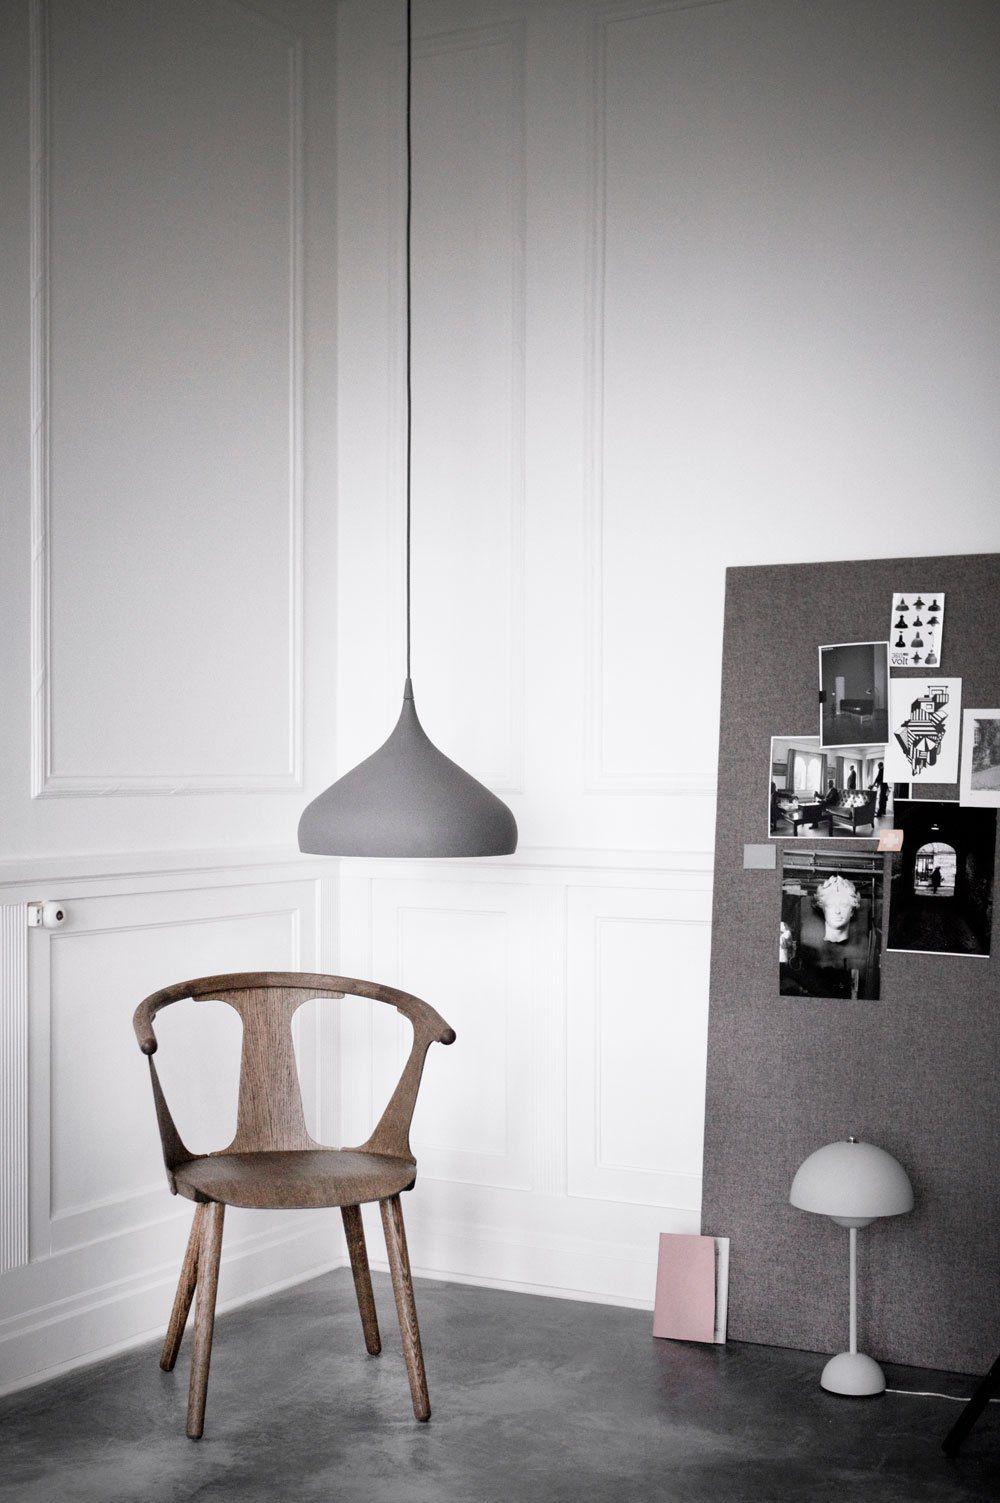 Tradition Gra Lampa Brun Stol Svart Golv Interiorer Bordslampor Stol Design